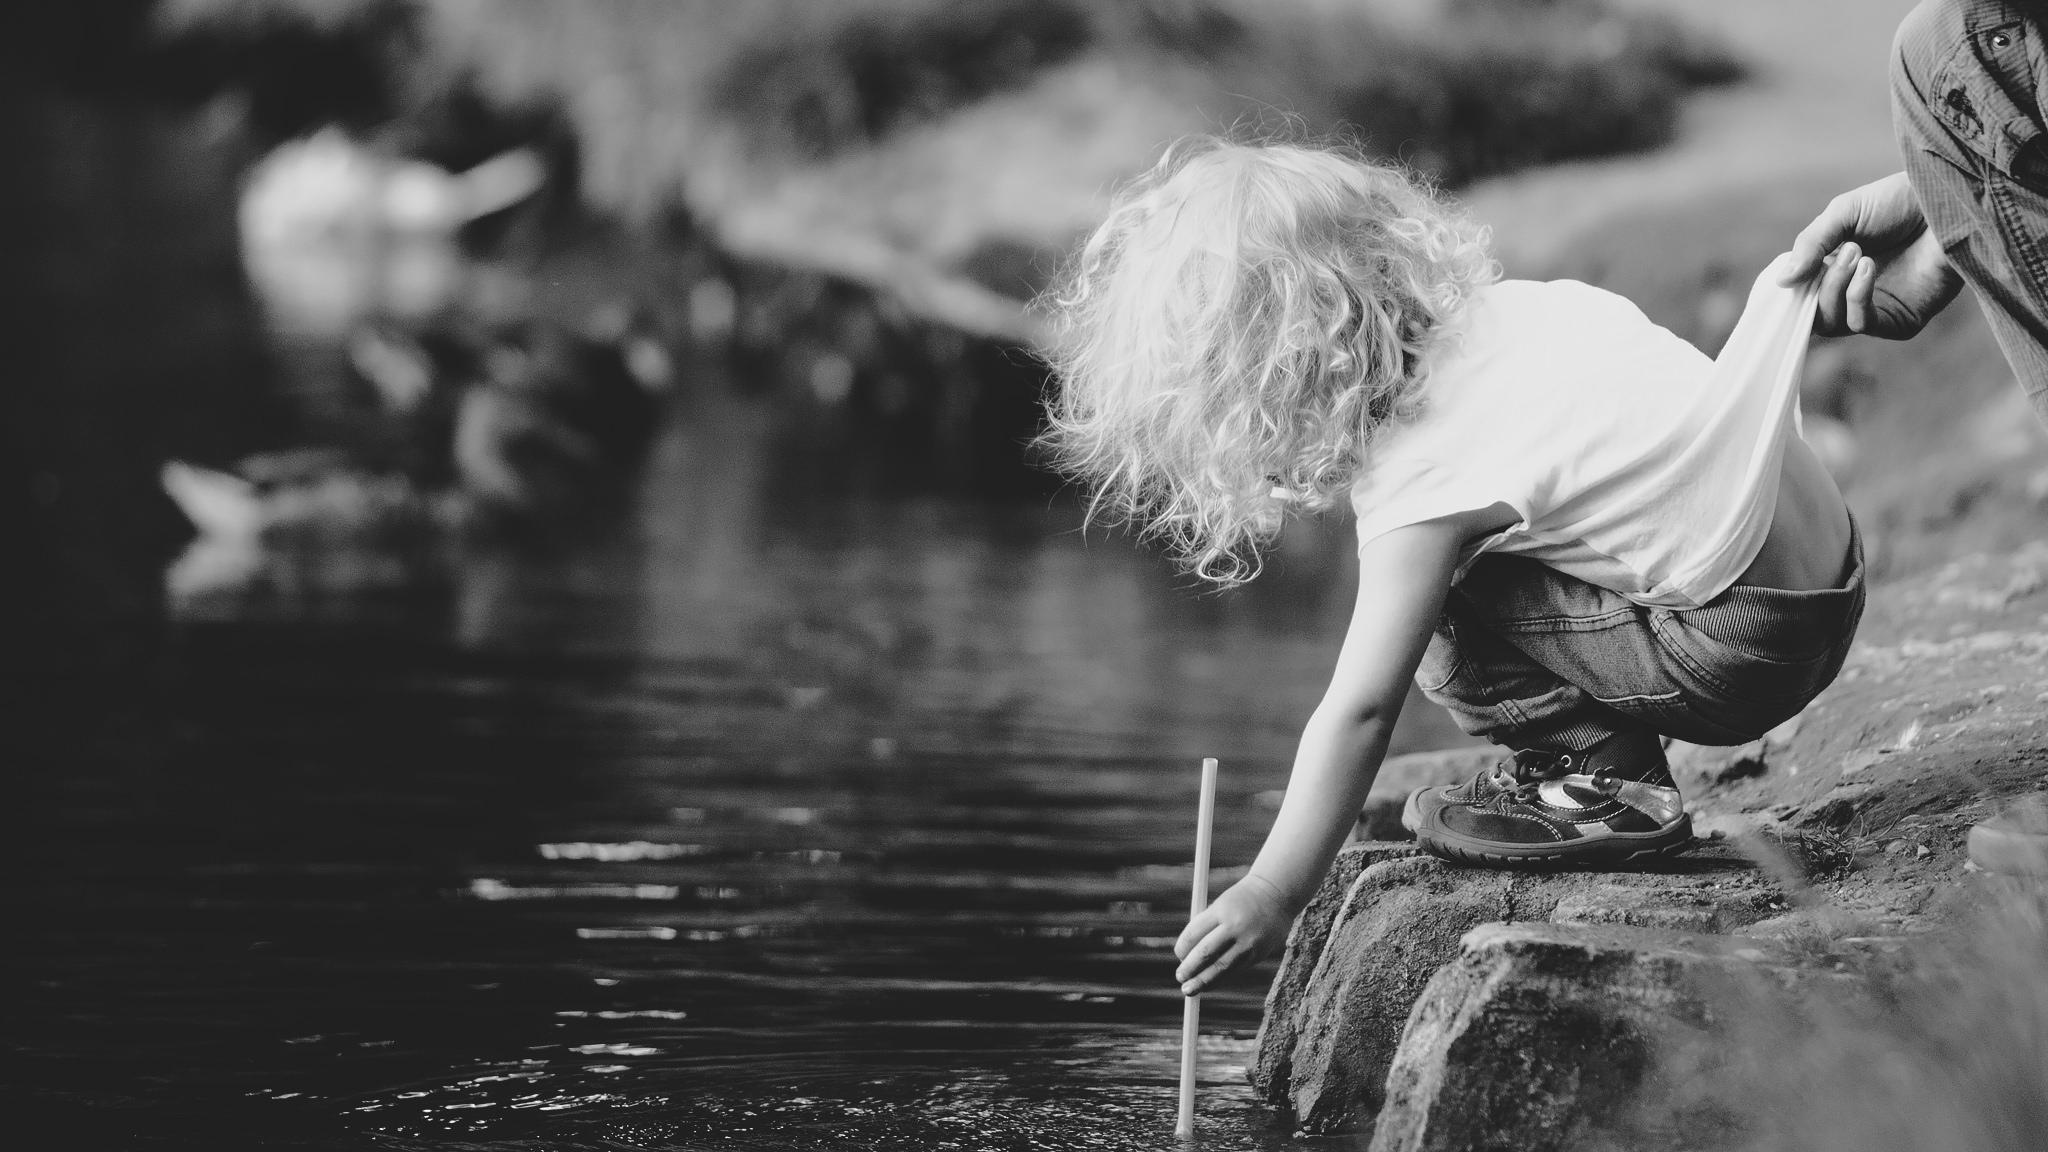 La seguridad ante todo: una mano adulta sujeta a un niño que juega al borde del río. Safety First , por  Lukas Kr .,  CC BY-NC 2.0 .